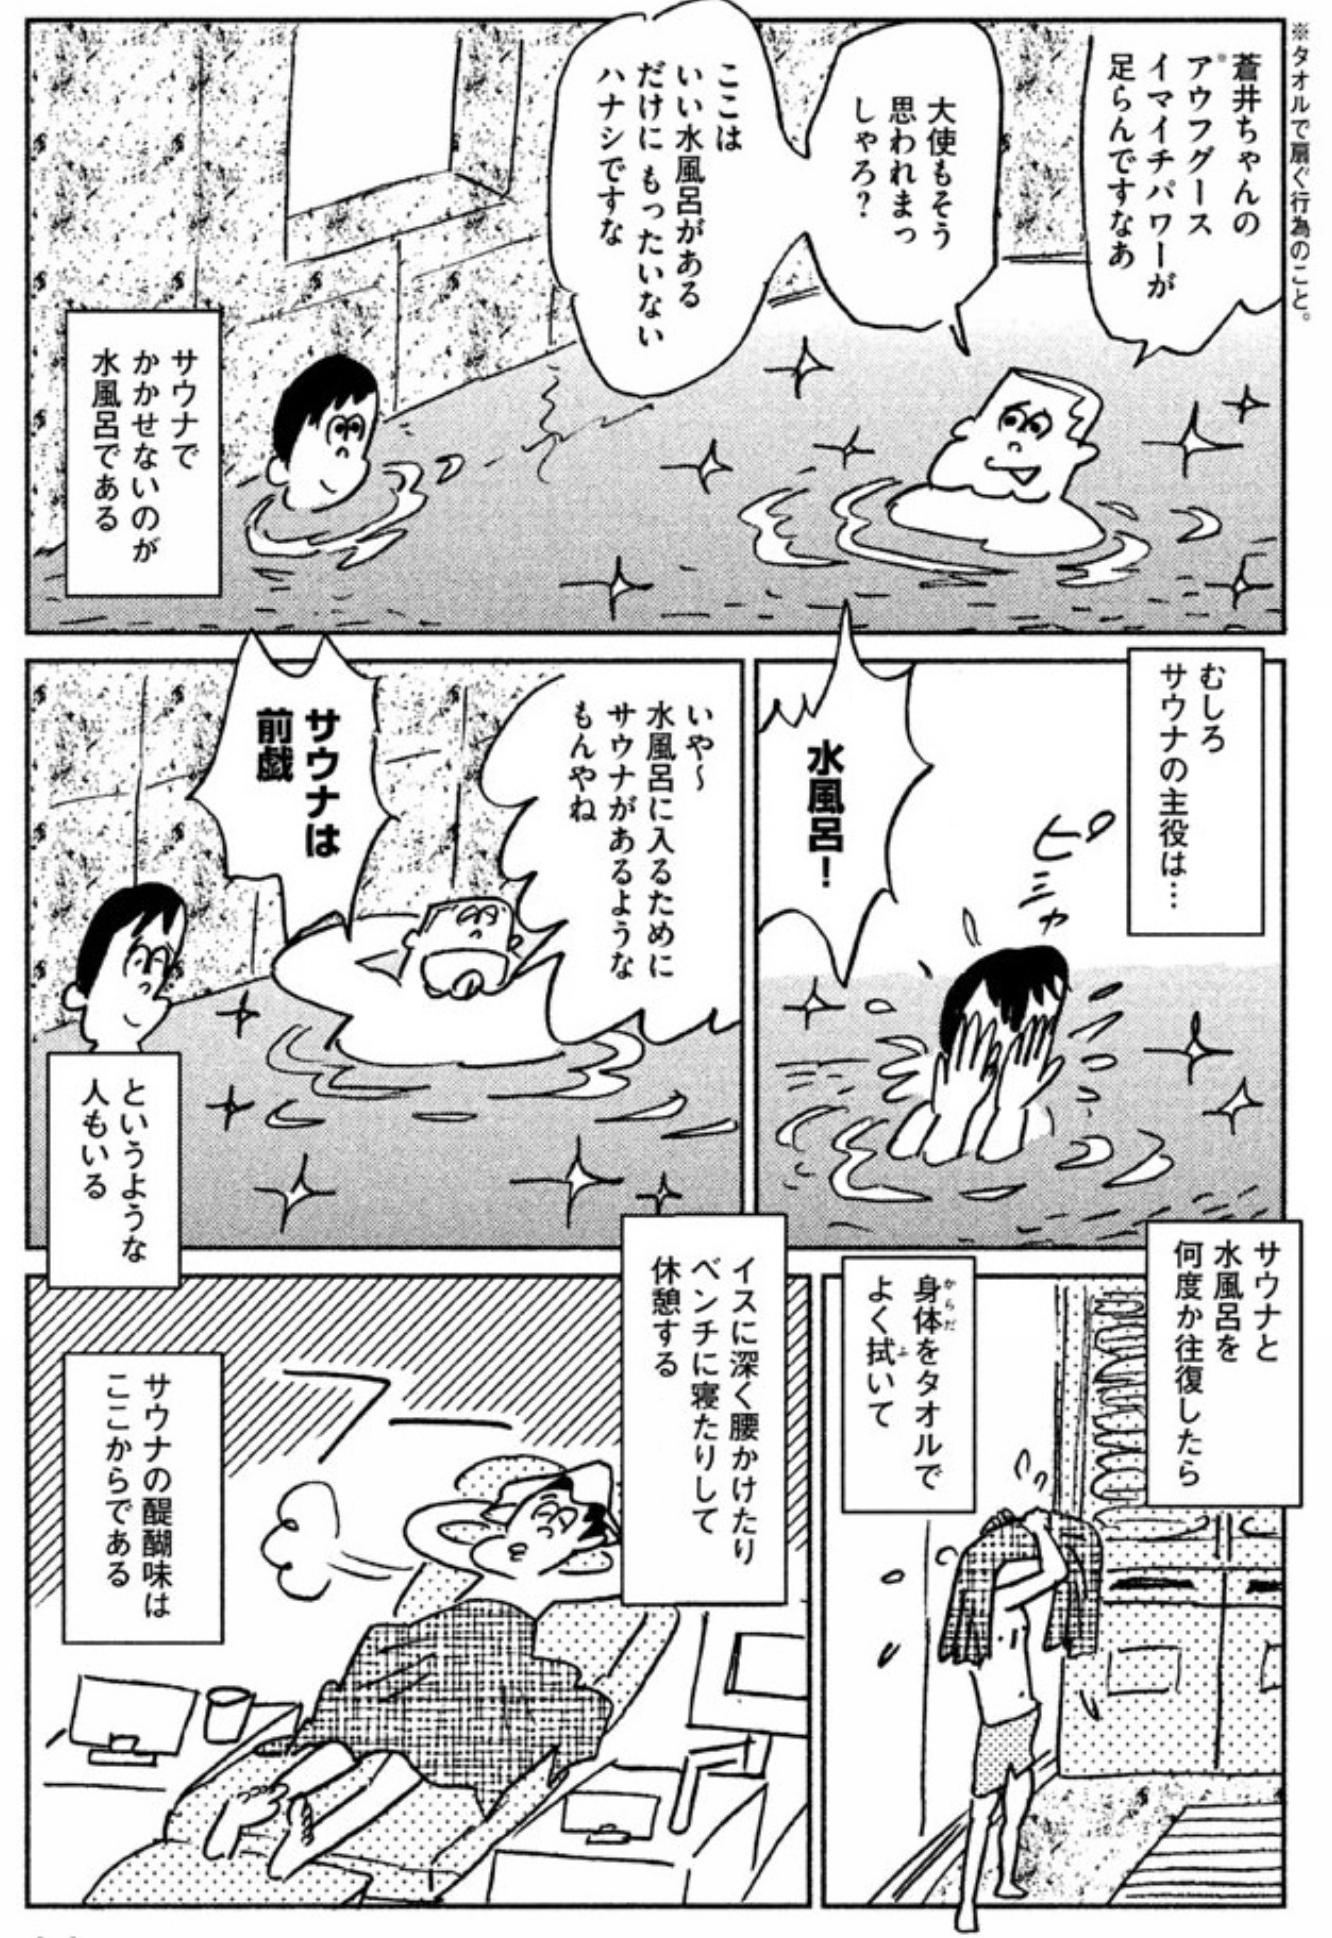 漫画『サ道』に学ぶ豆知識2:サウナと水風呂を行き来せよ!